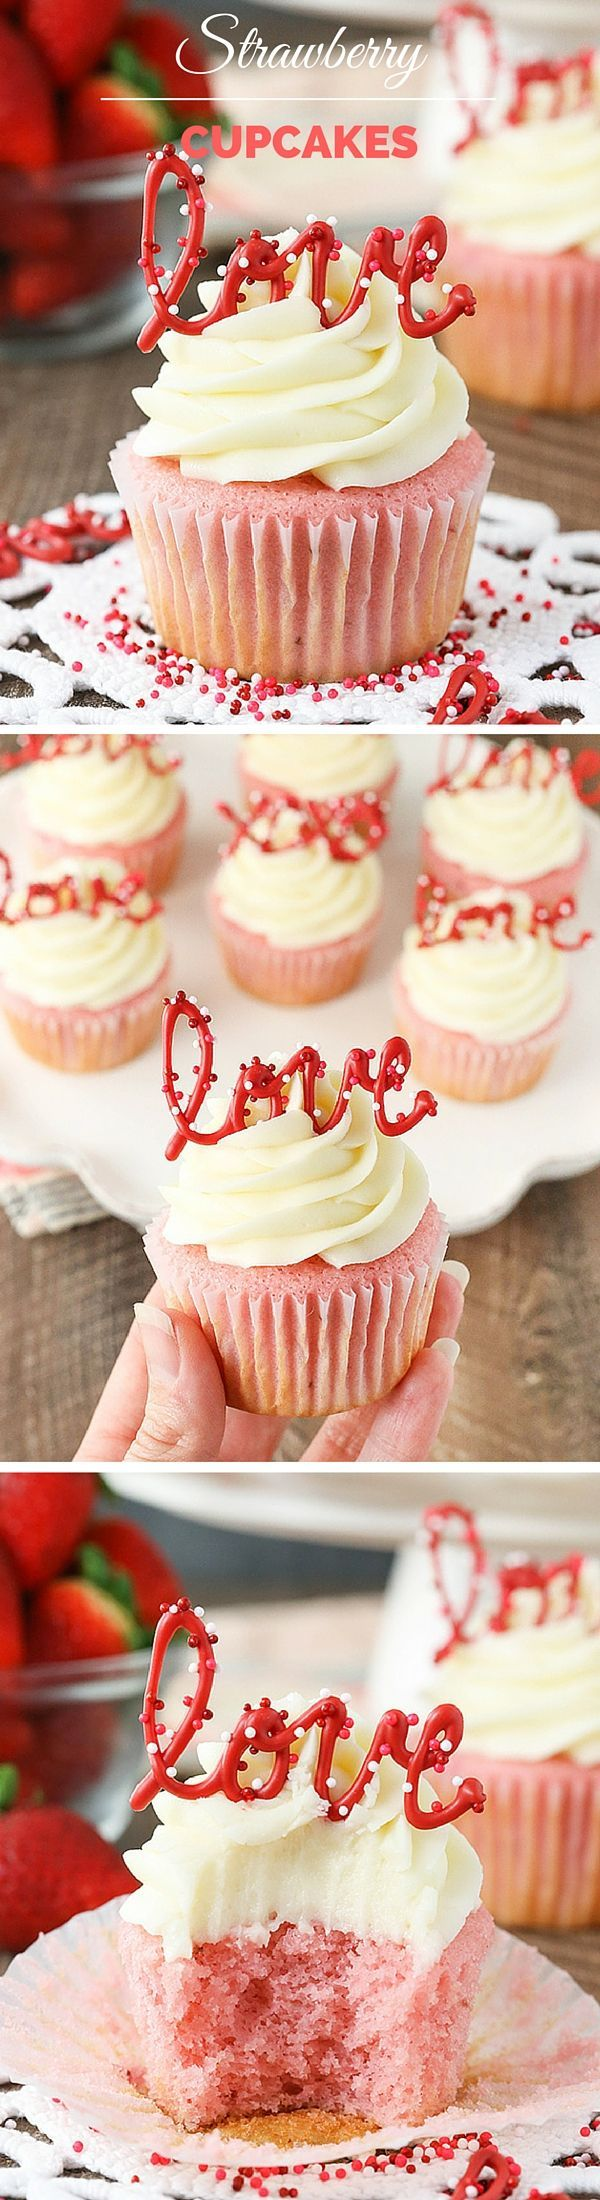 Get the recipe ♥ Strawberry Cupcakes #recipes /recipes_to_go/